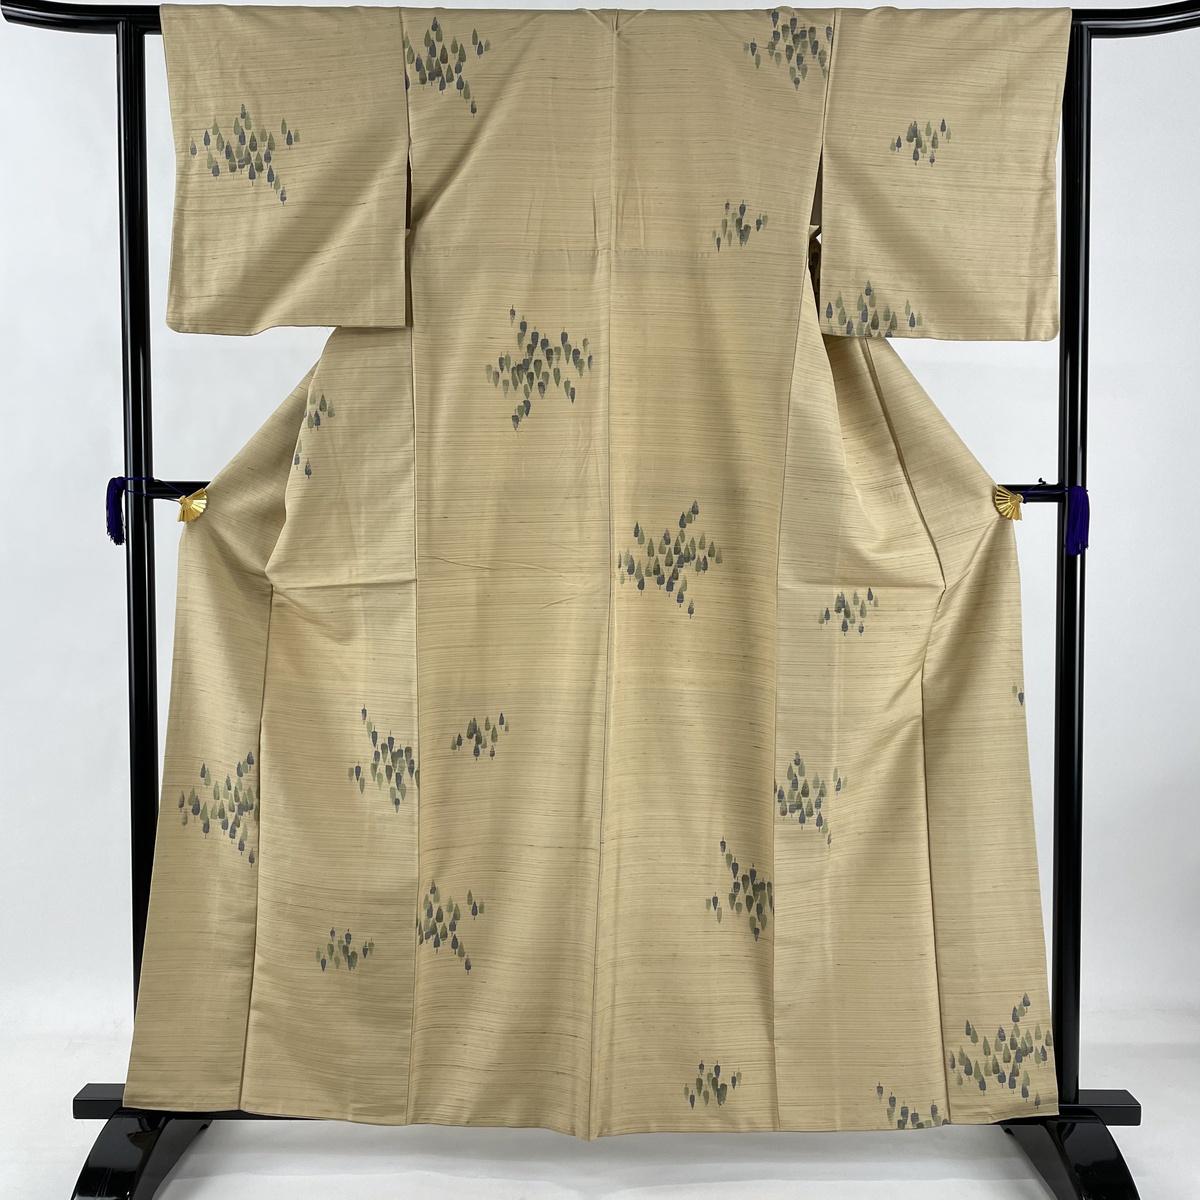 ランクB 着物 売店 リサイクル 送料無料 紬 秀品 樹木 正絹 中古 ついに再販開始 身丈161.5cm 裄丈61.5cm ベージュ 袷 S